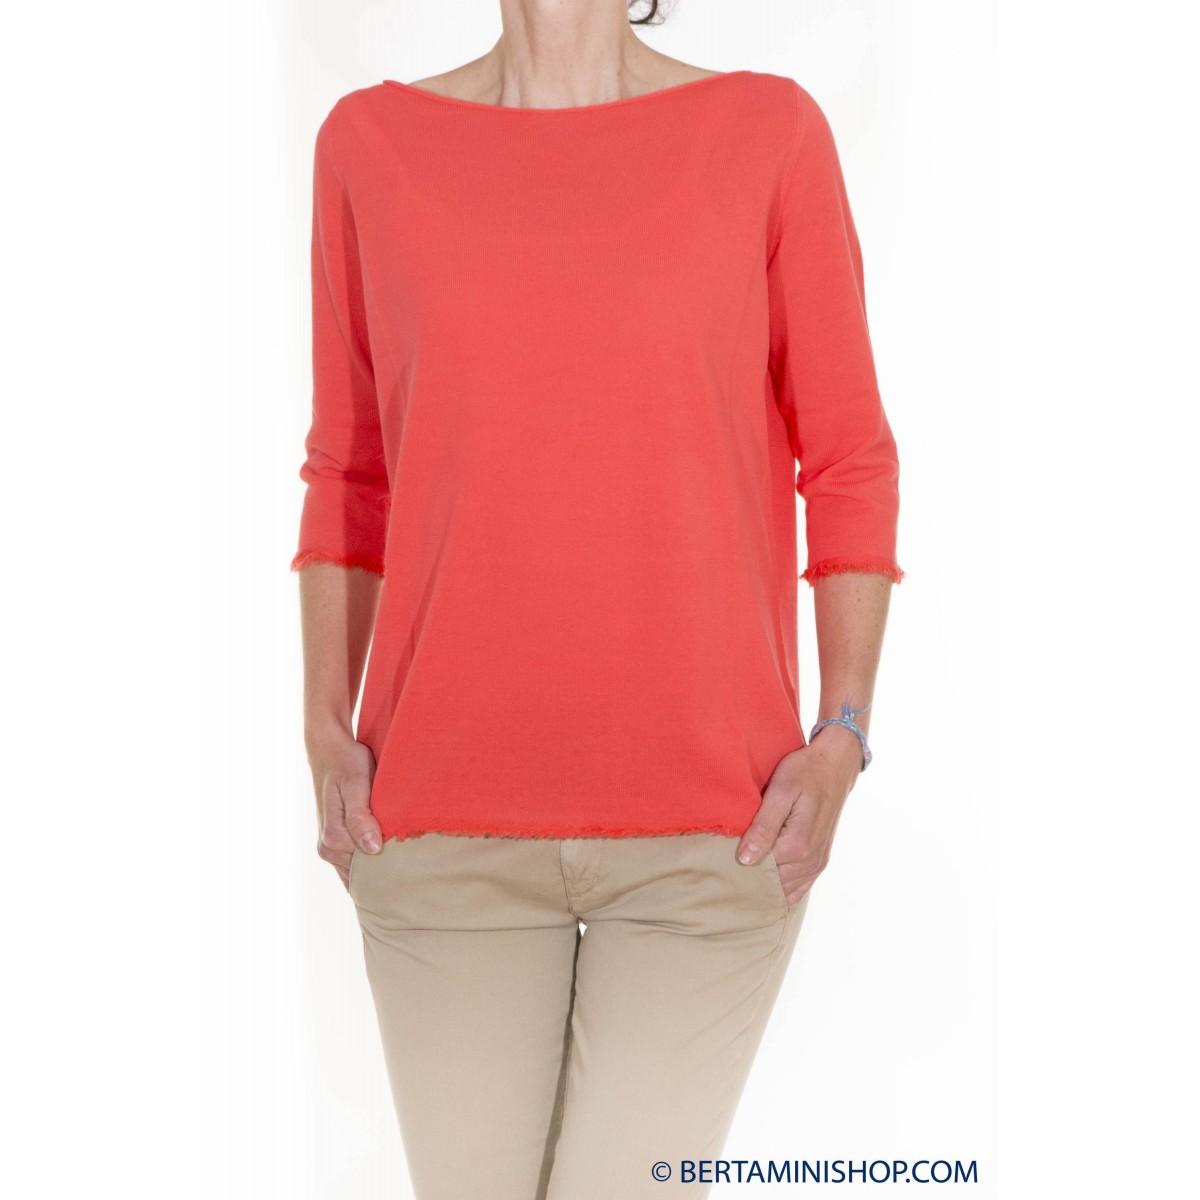 Sweater Kangra Damen - 1571/13 01 - bianco